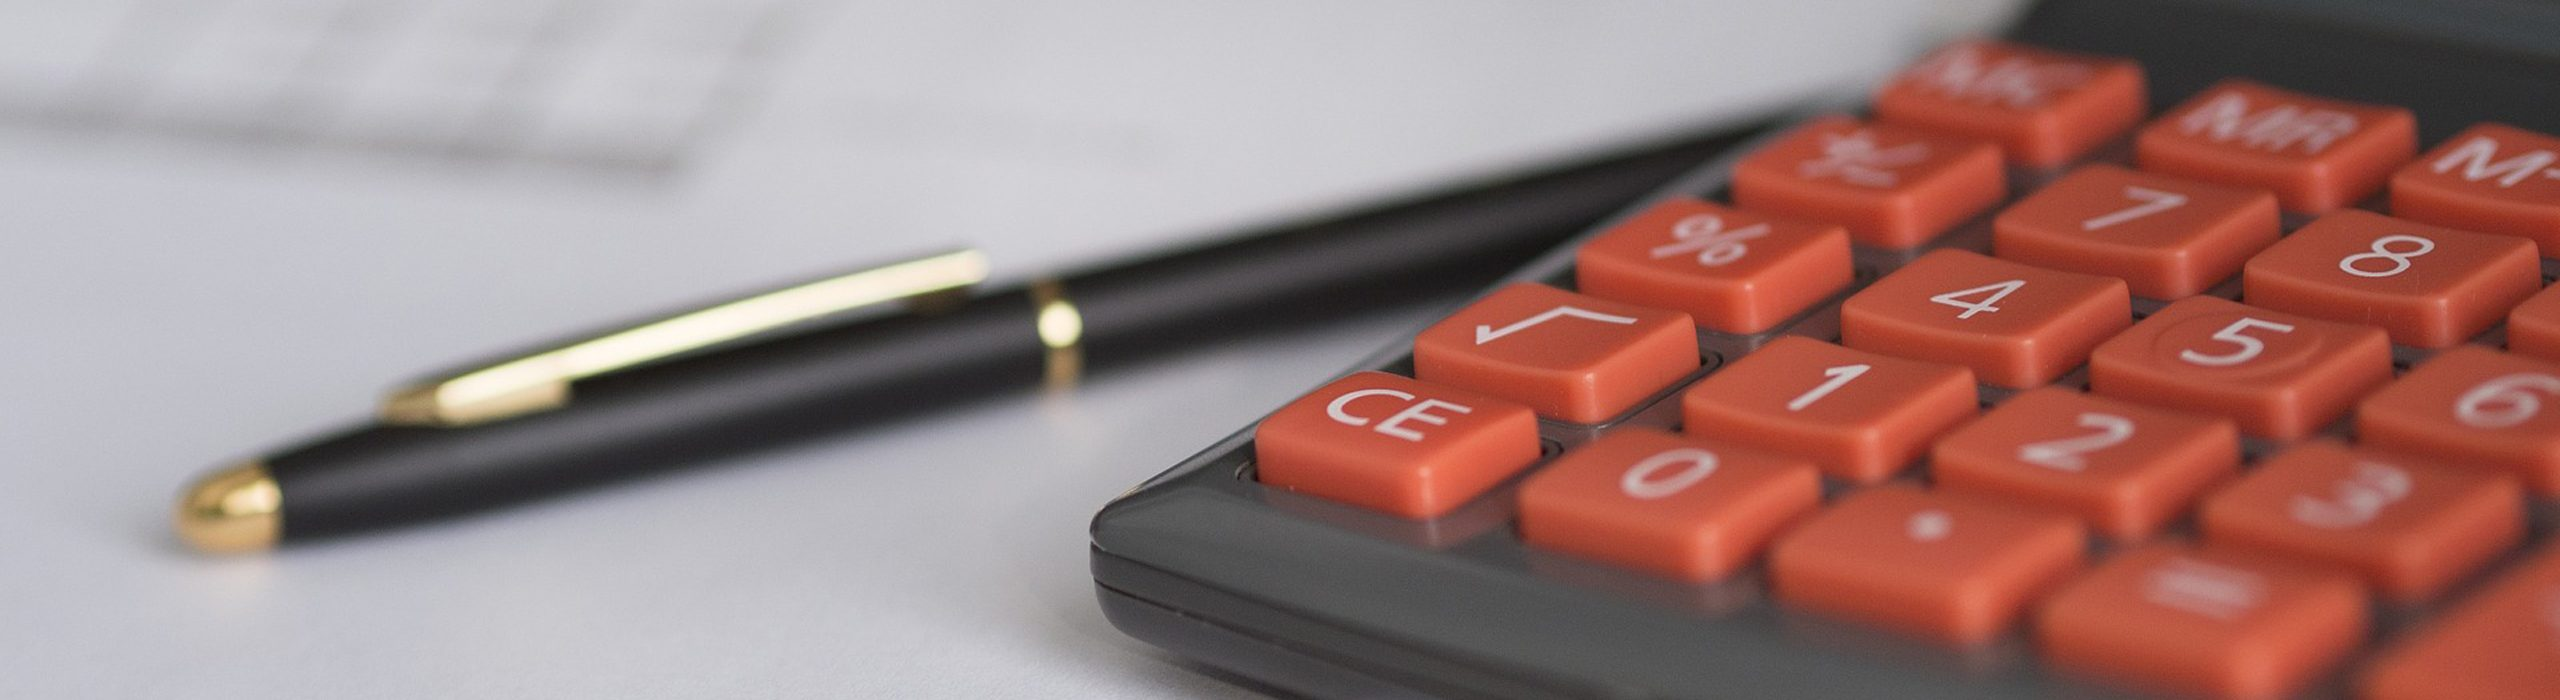 Lohn- und Gehaltsabrechnungen – Lohnbüro Econ